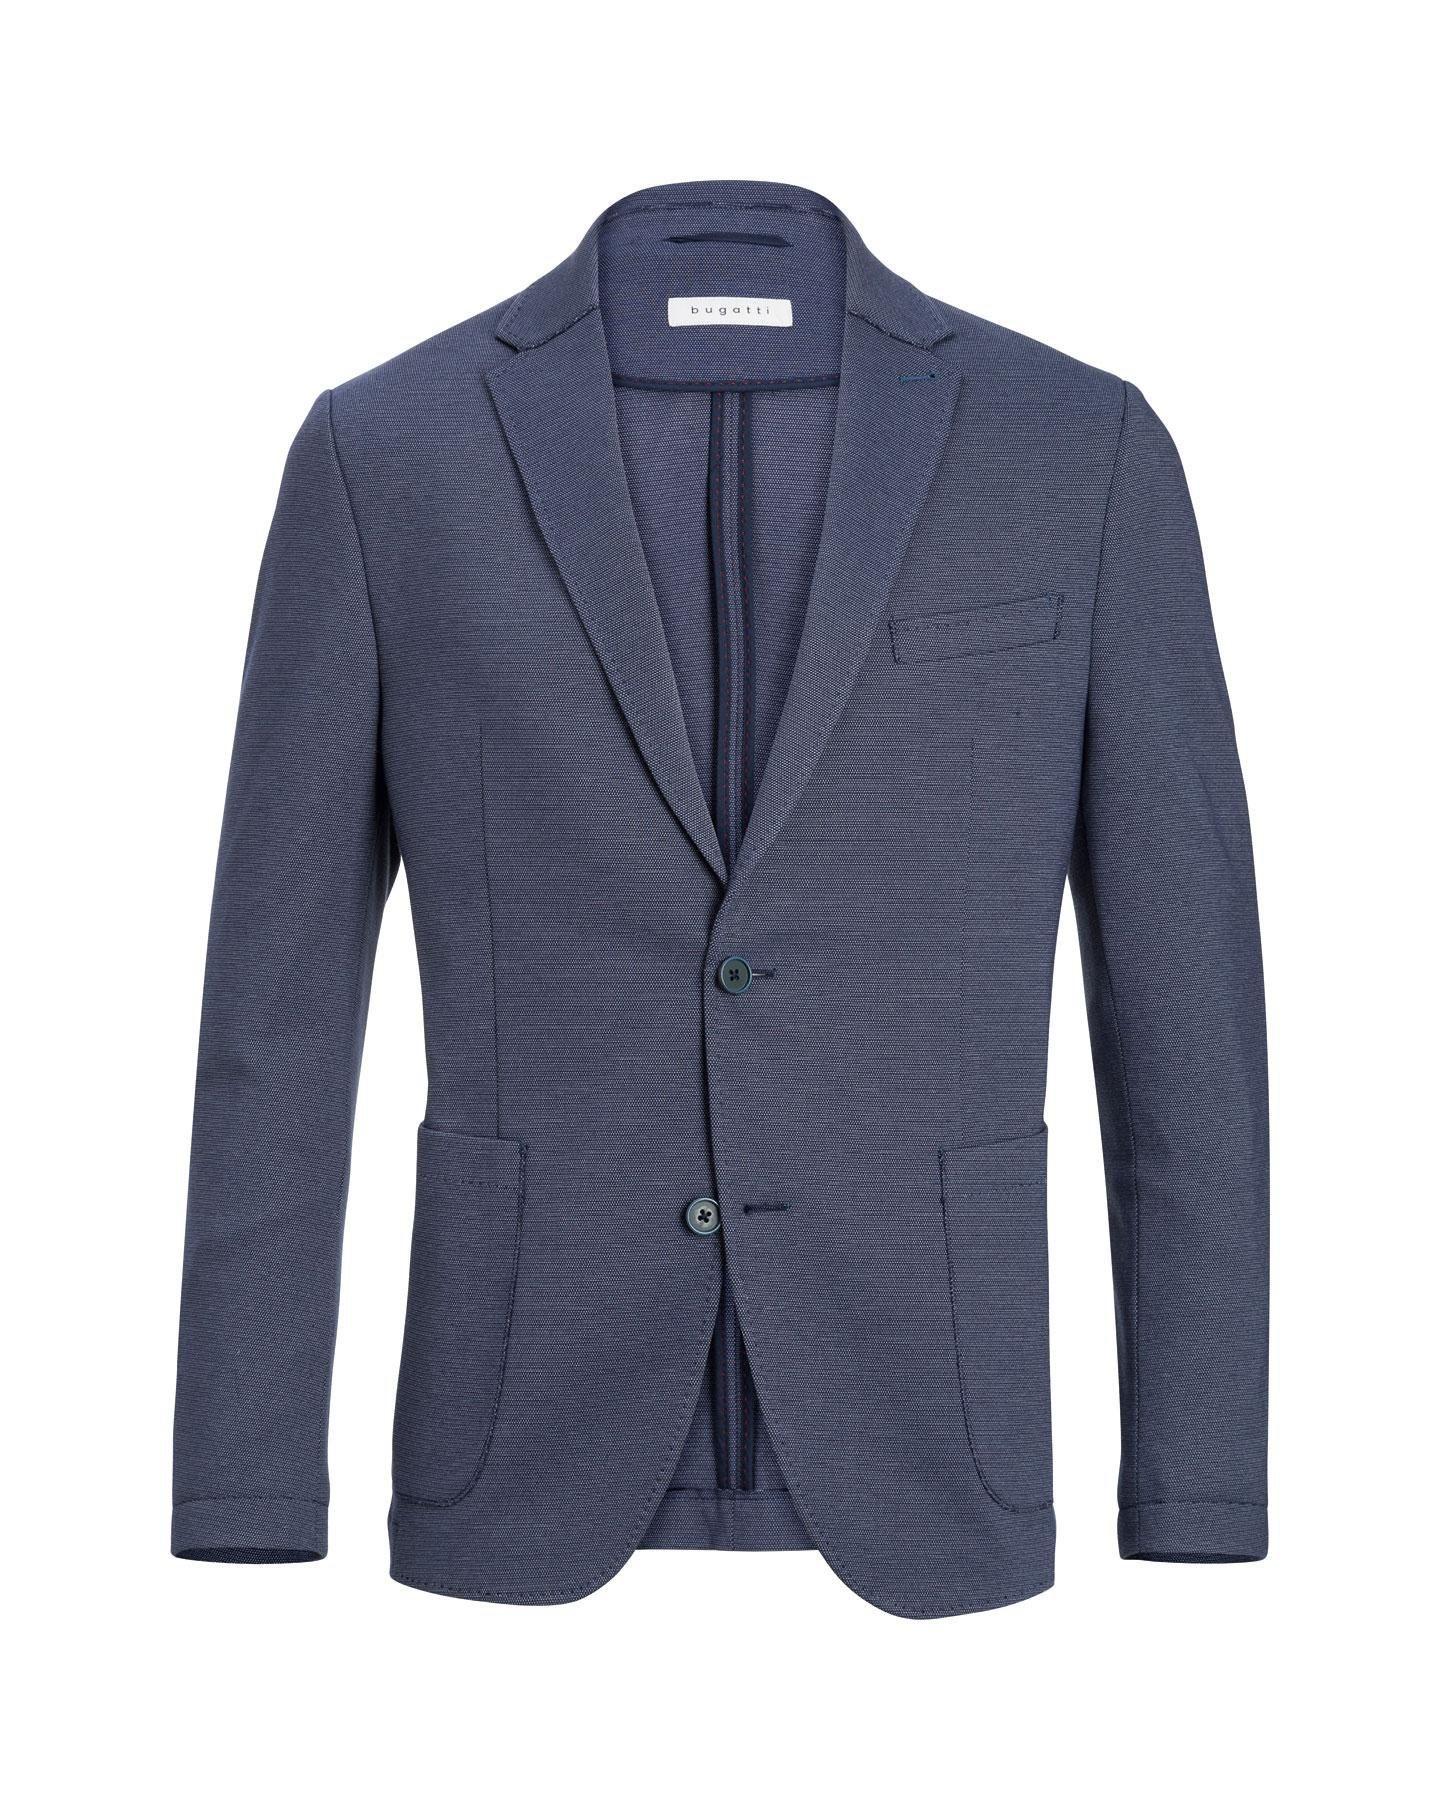 Bugatti Sakko in einer Jersey Ware | Bekleidung > Sakkos > Sonstige Sakkos | Blau | Jersey | Bugatti